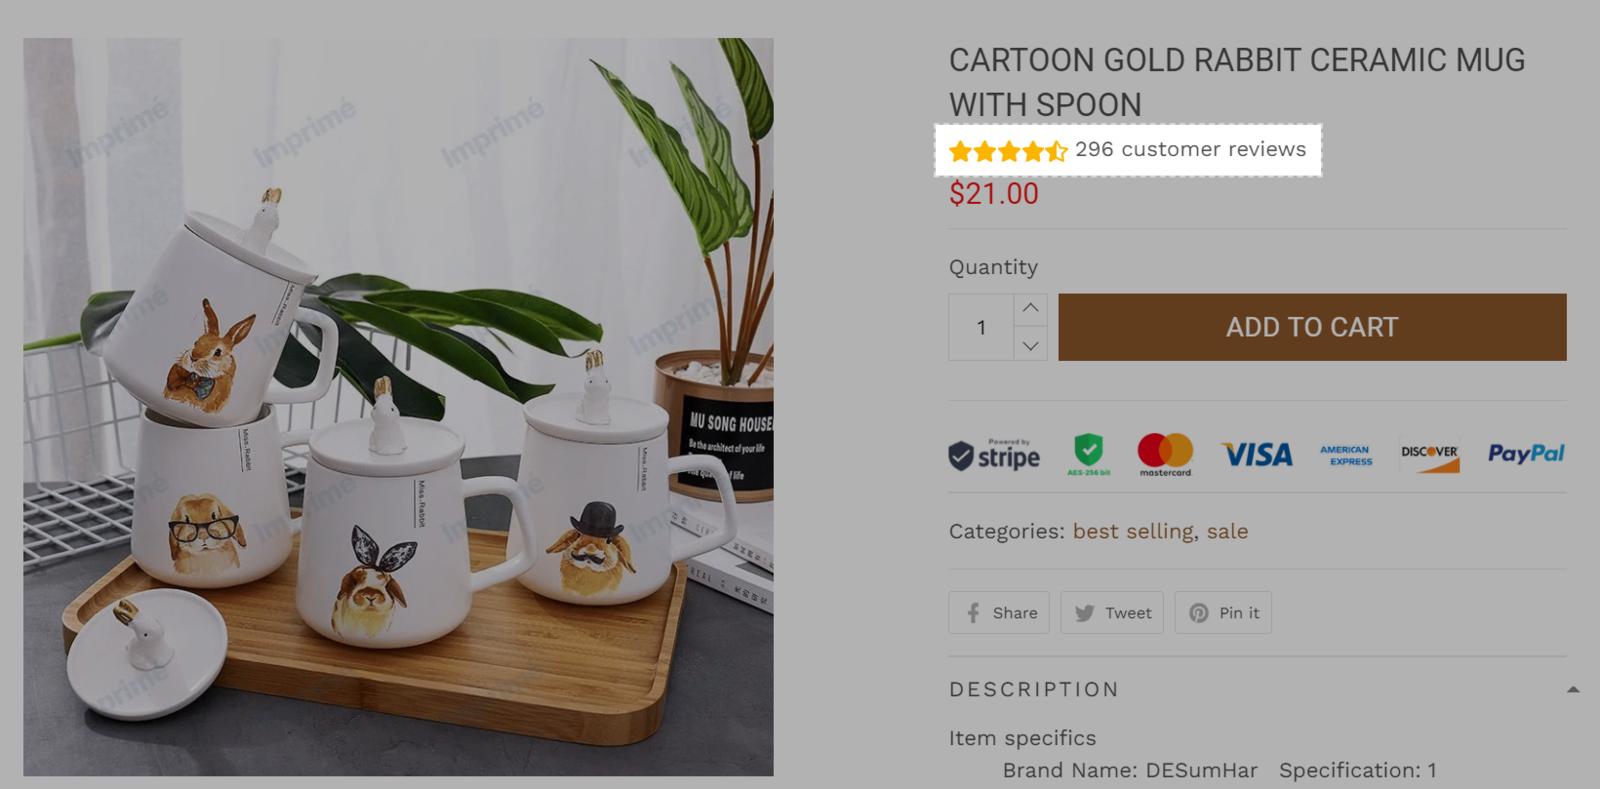 Đánh giá sẽ hiển thị dưới tên sản phẩm như trong ảnh trên